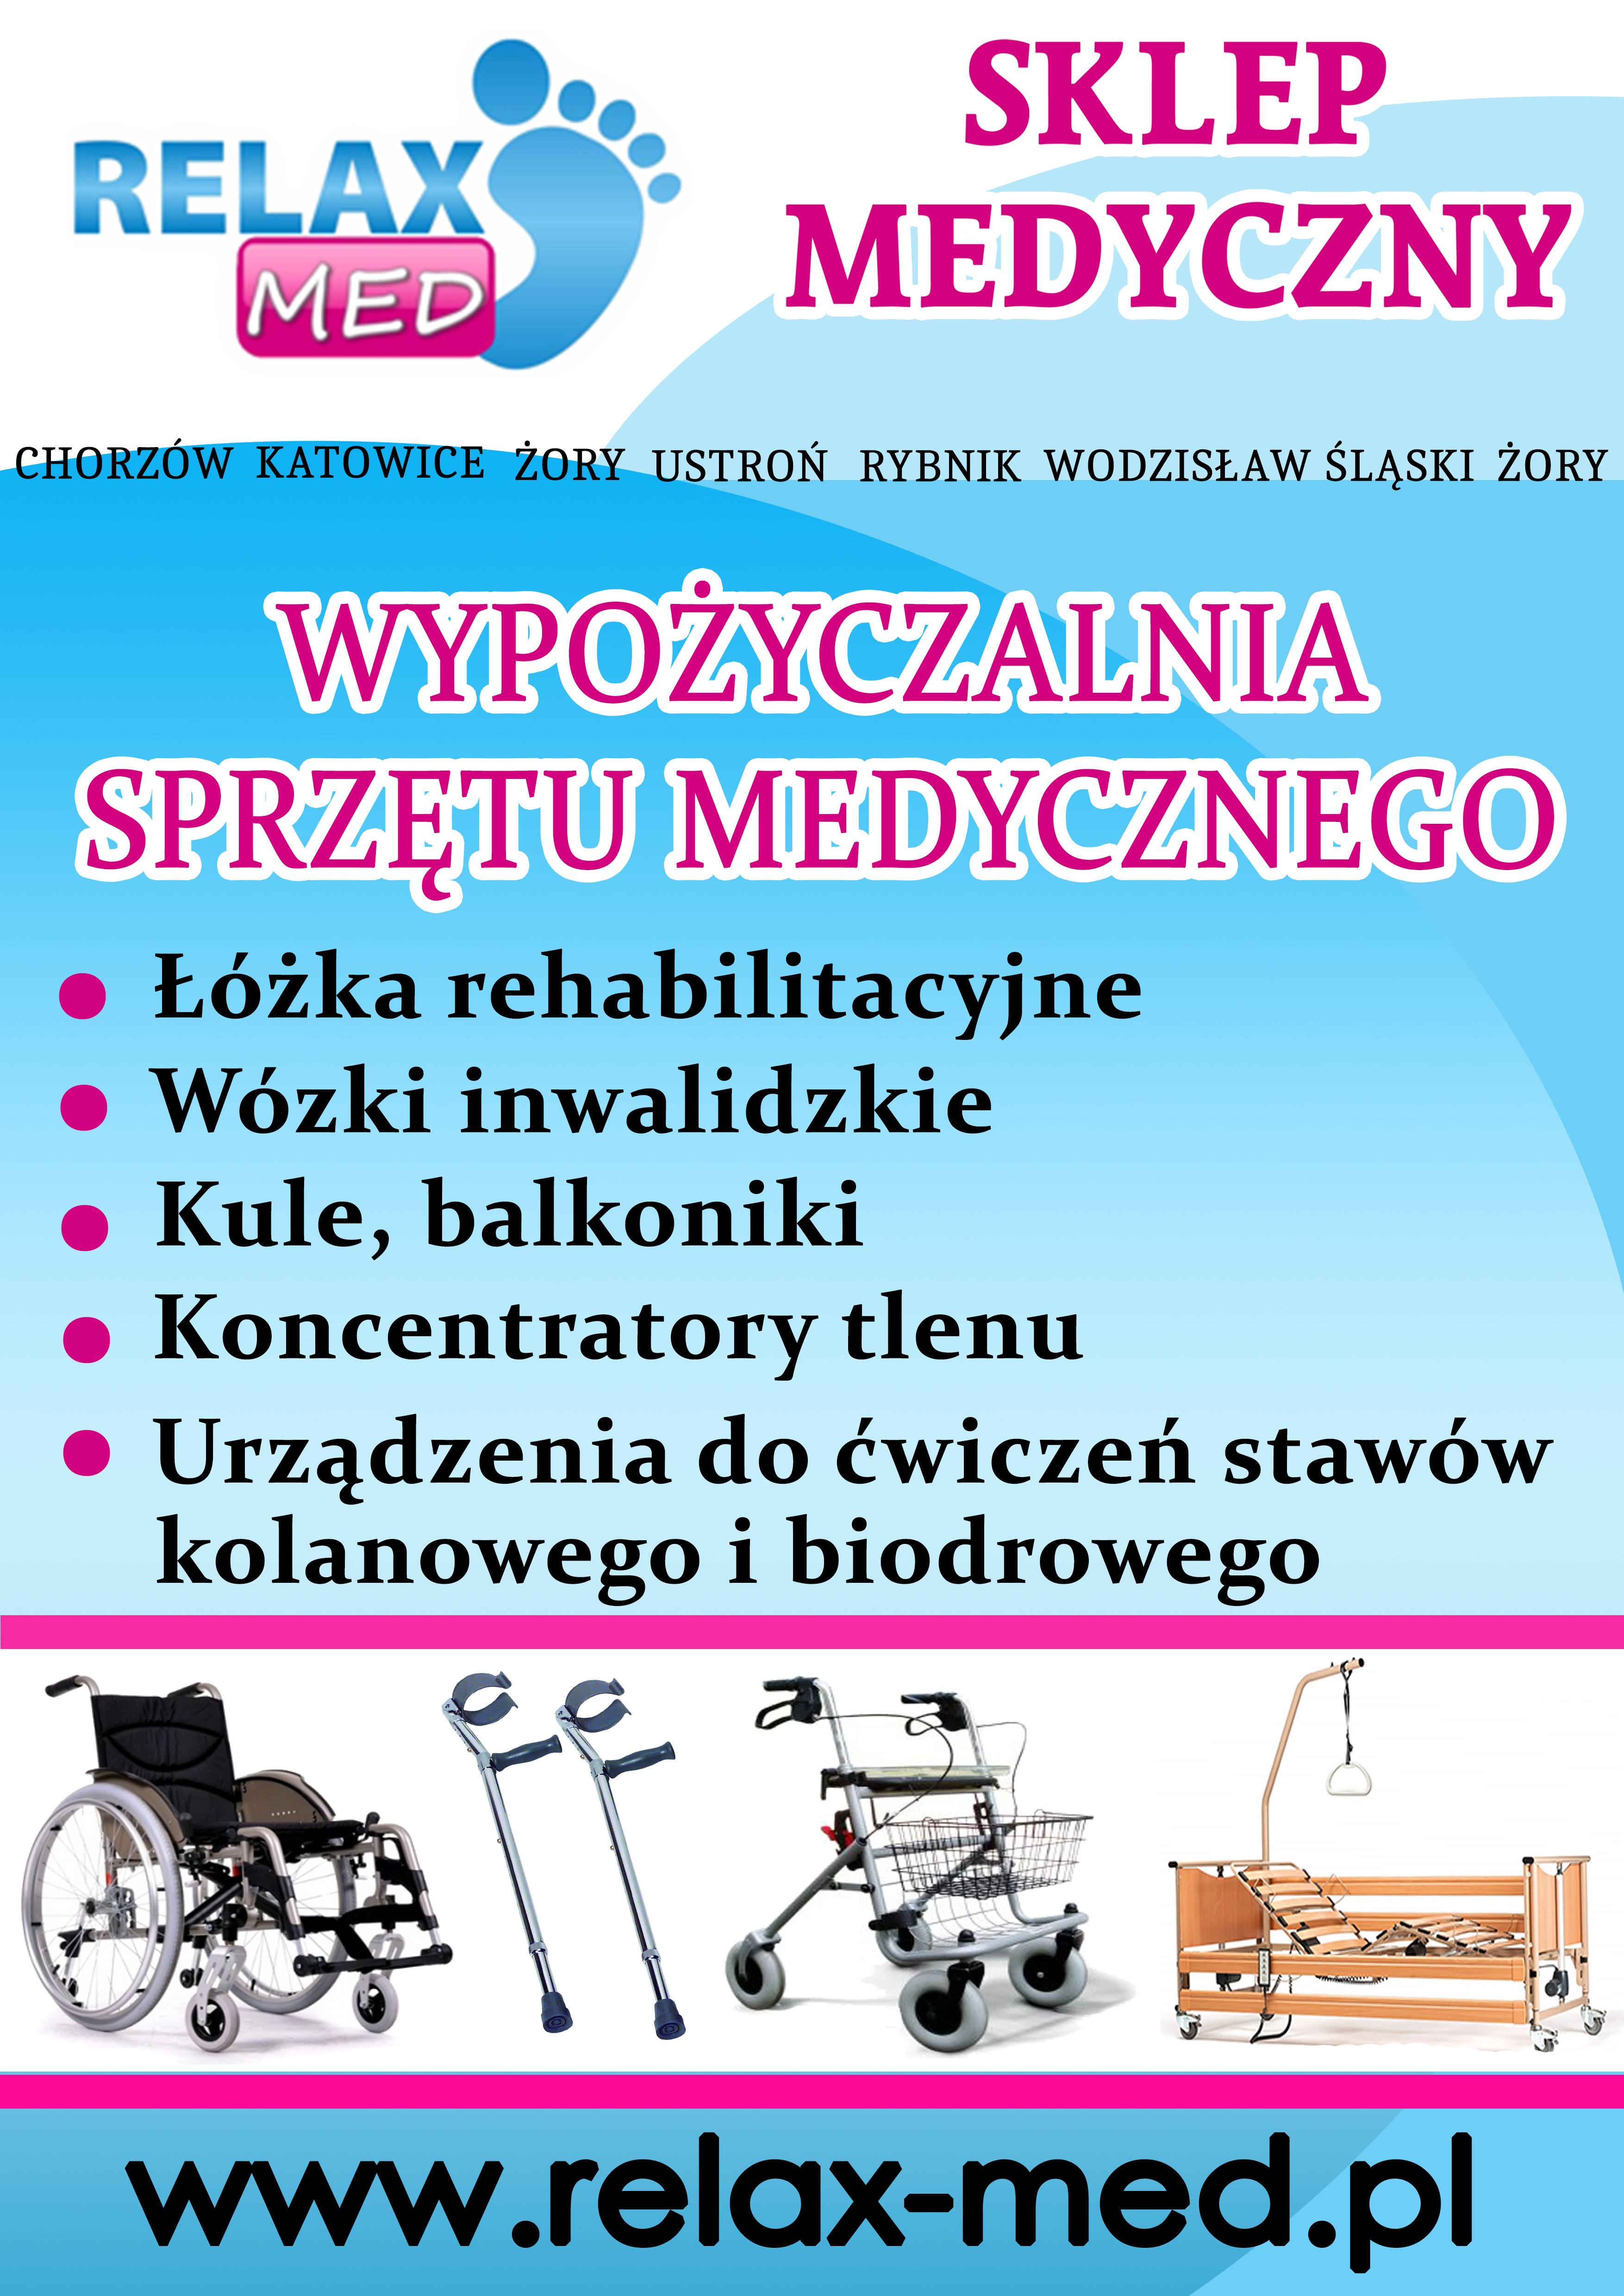 Wypożyczalnia łóżka rehabilitacyjnego, wózki inwalidzkie, kule i balkoniki, koncentrator tlenu